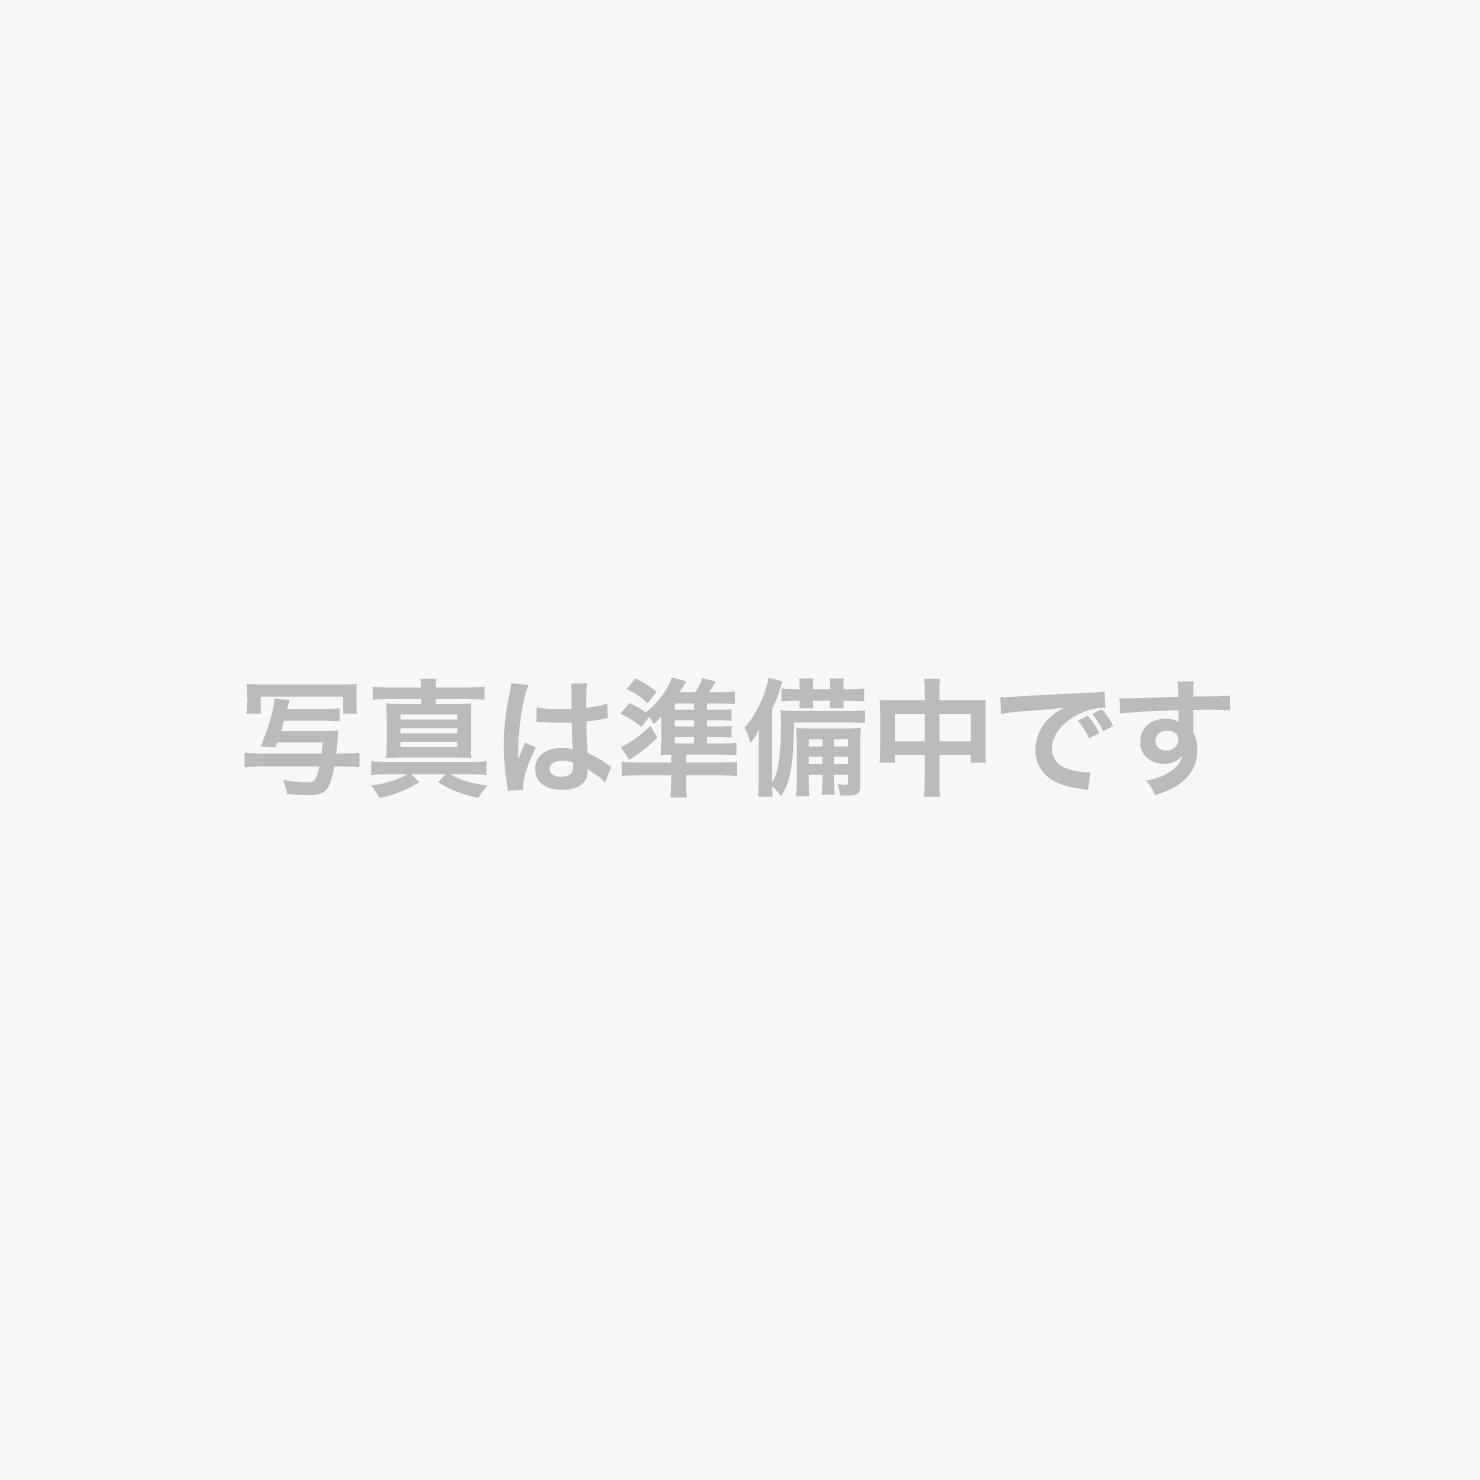 【偕楽園】水戸の春は梅の花から 2月下旬~3月下旬